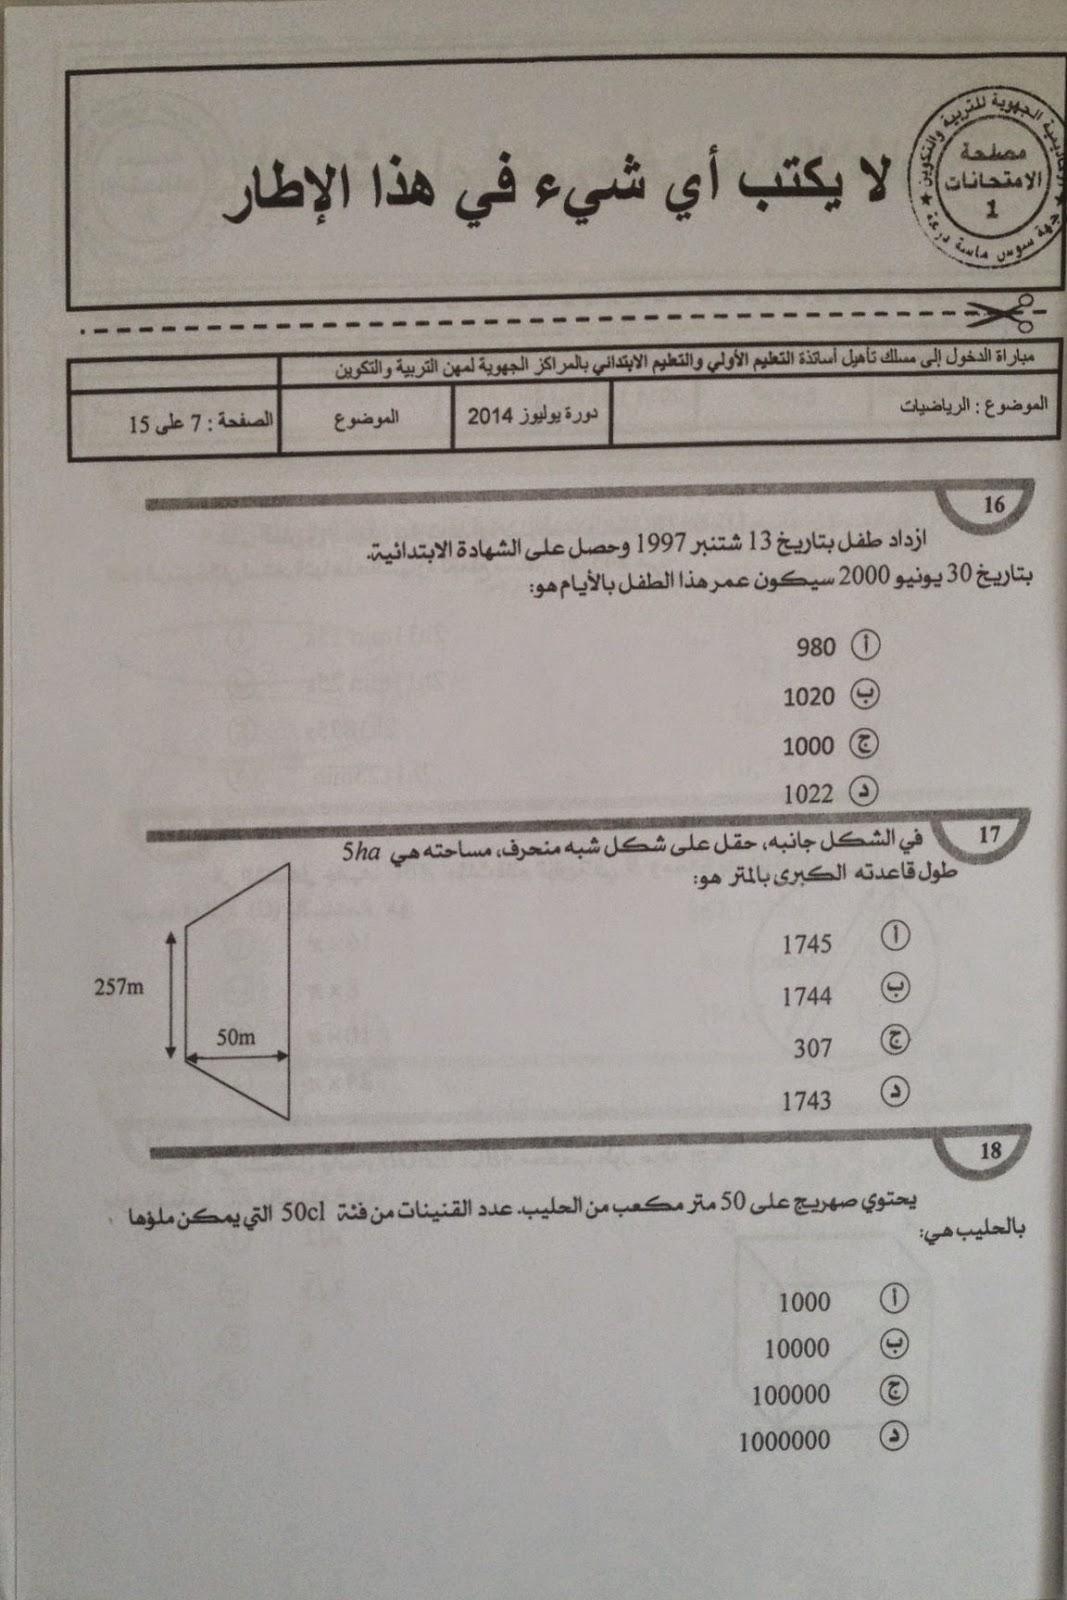 الاختبار الكتابي لولوج المراكز الجهوية للسلك الابتدائي دورة يوليوز 2014- مادة الرياضيات  Nouveau%2Bdocument%2B2_17